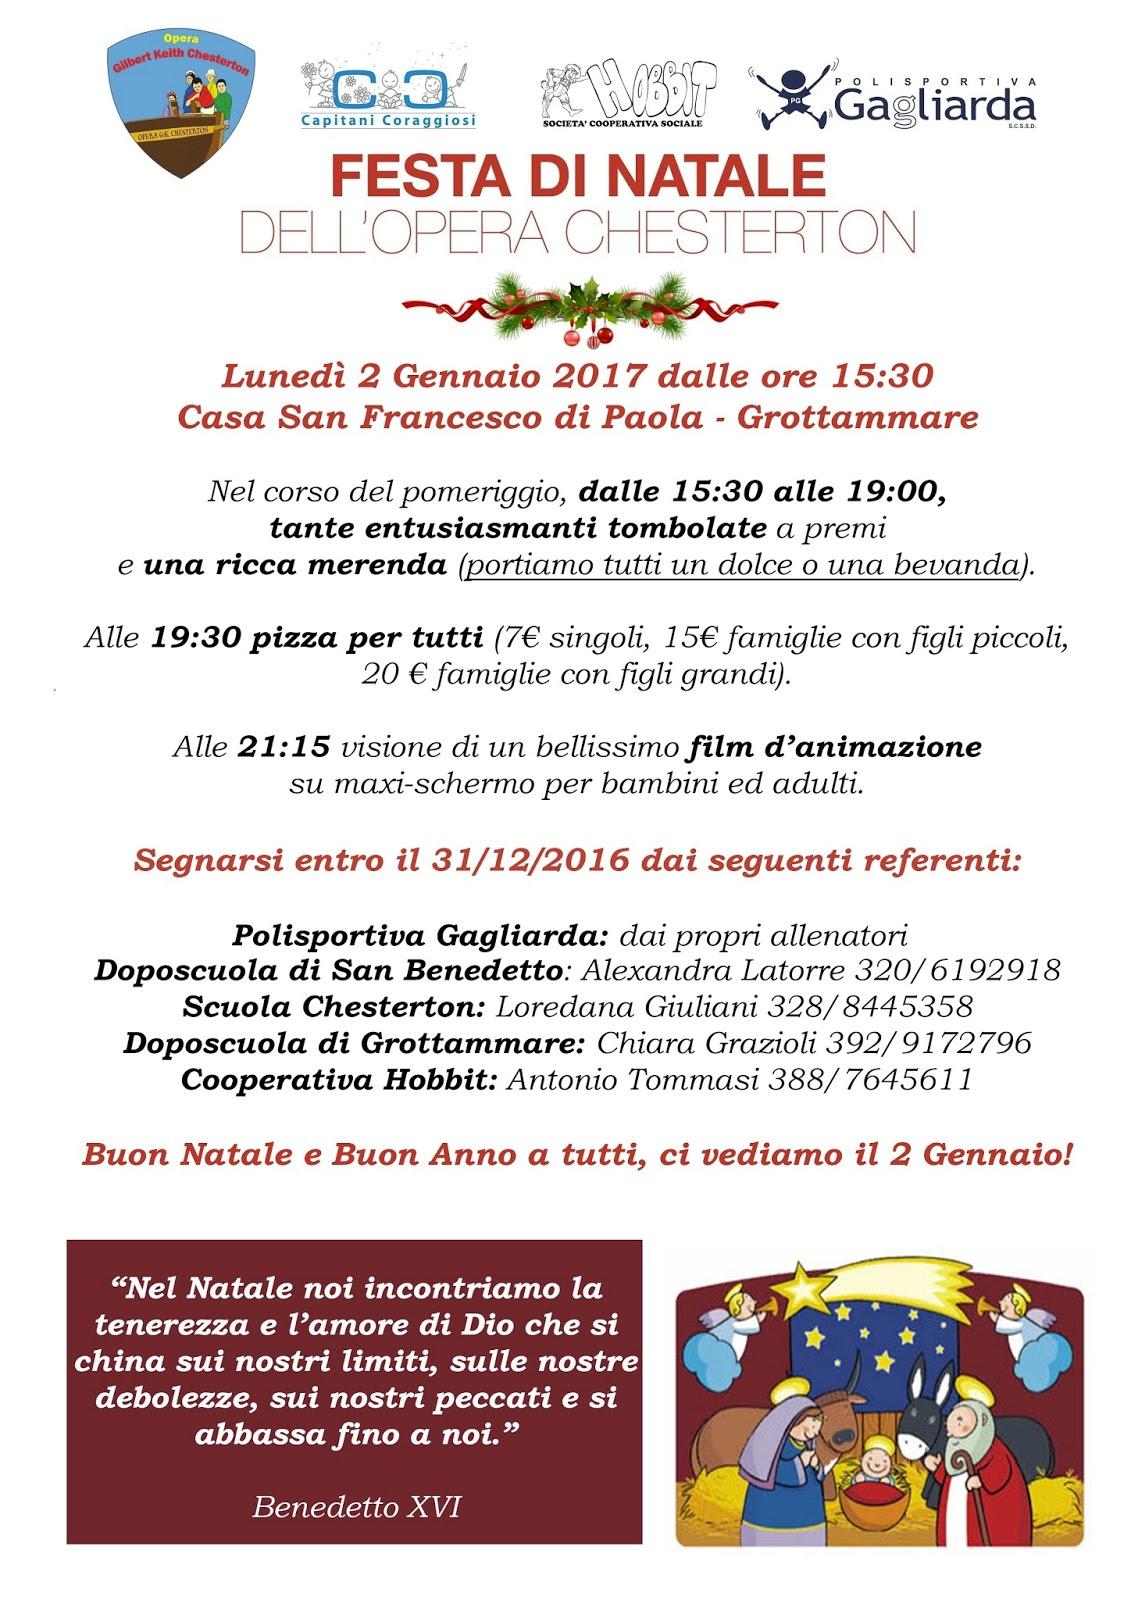 Auguri Di Natale Per I Figli.Polisportiva Gagliarda Tanti Cari Auguri Di Un Santo Natale E Di